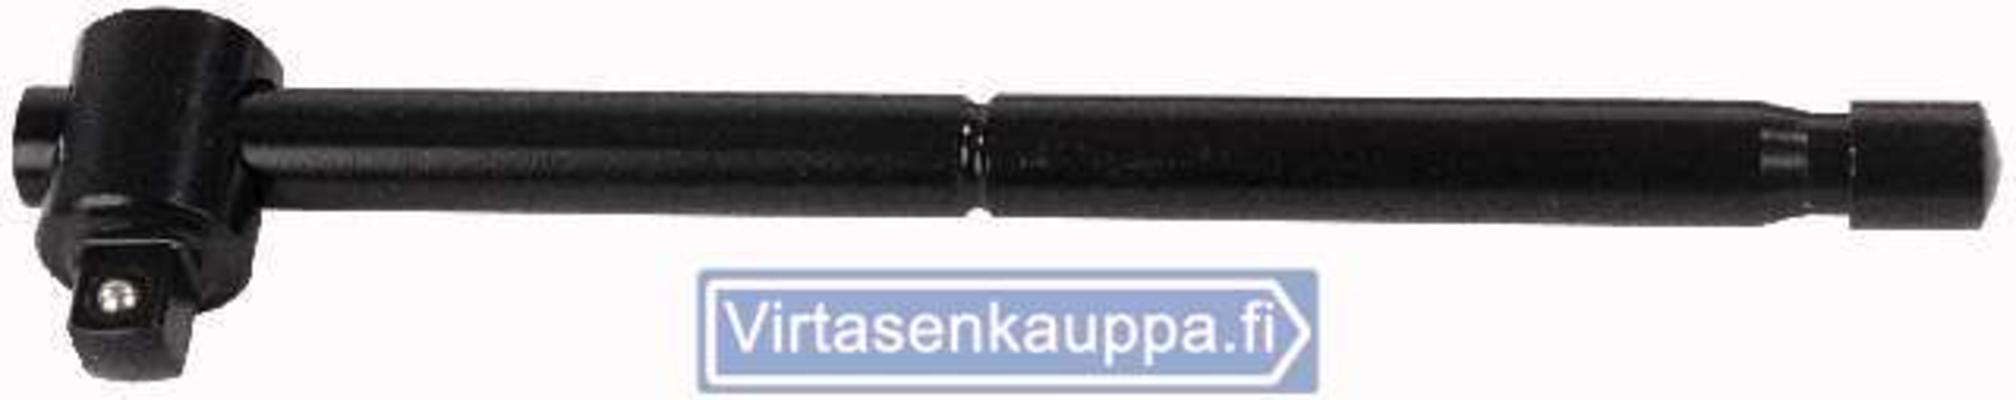 T-VÄÄNNIN 1/2 X 10 S